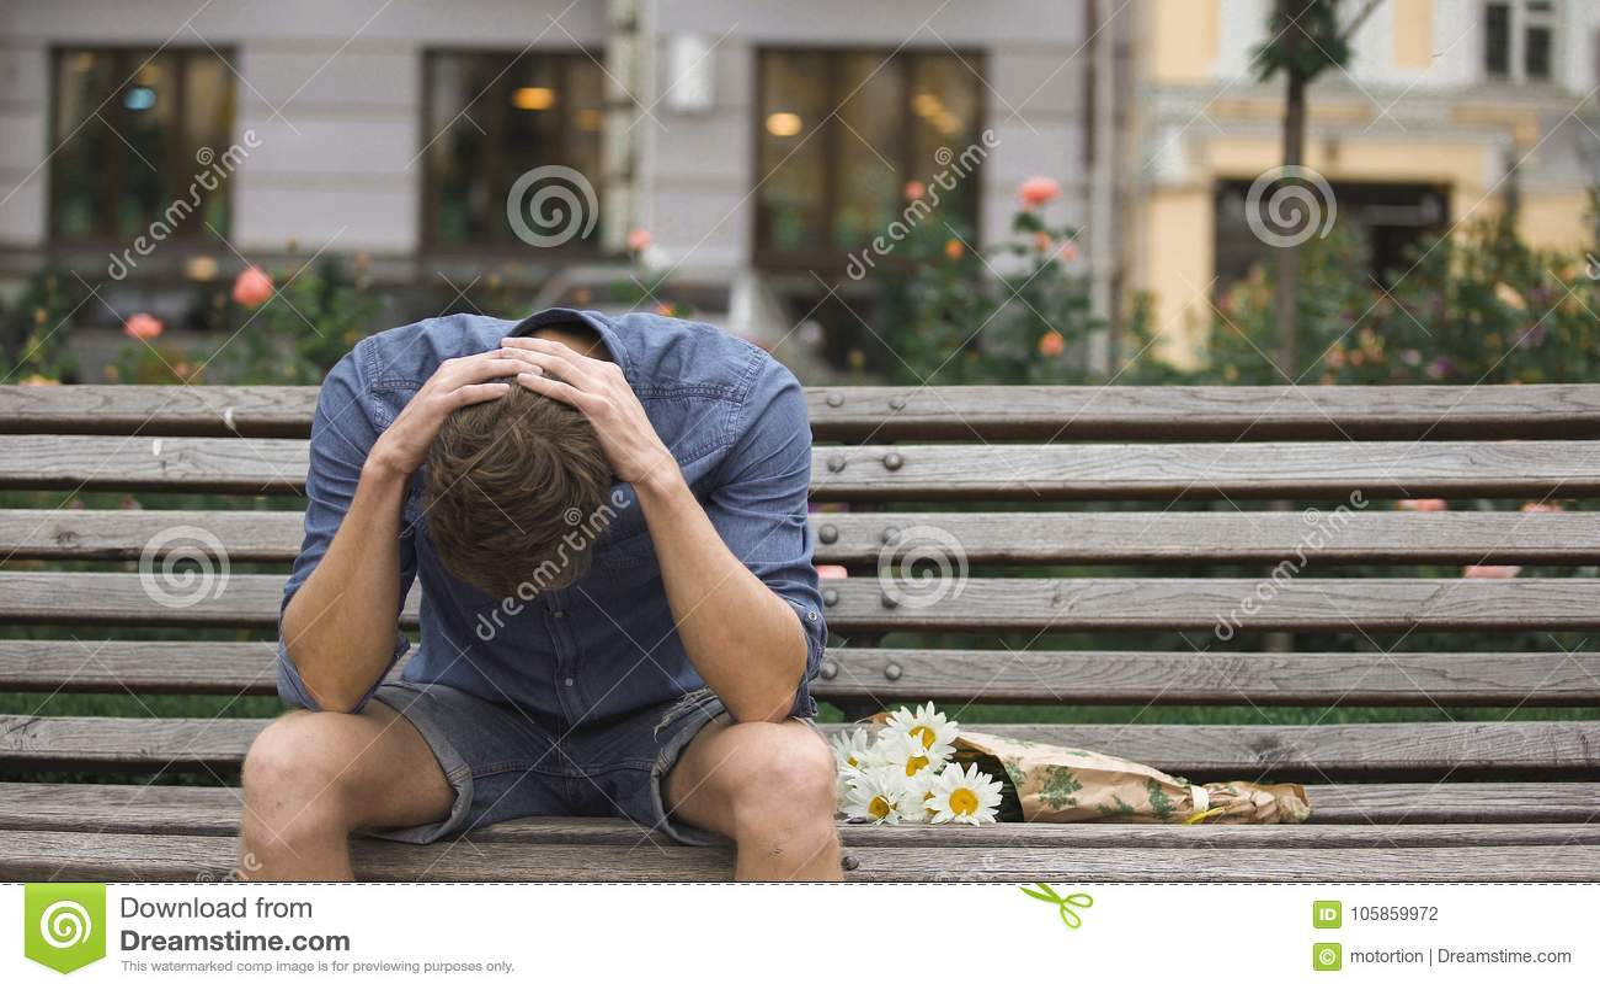 Hoffnungsloser Junger Mann, Der Allein Auf Bank, Leidende Krise Nach Trennung Sitzt Stockfoto